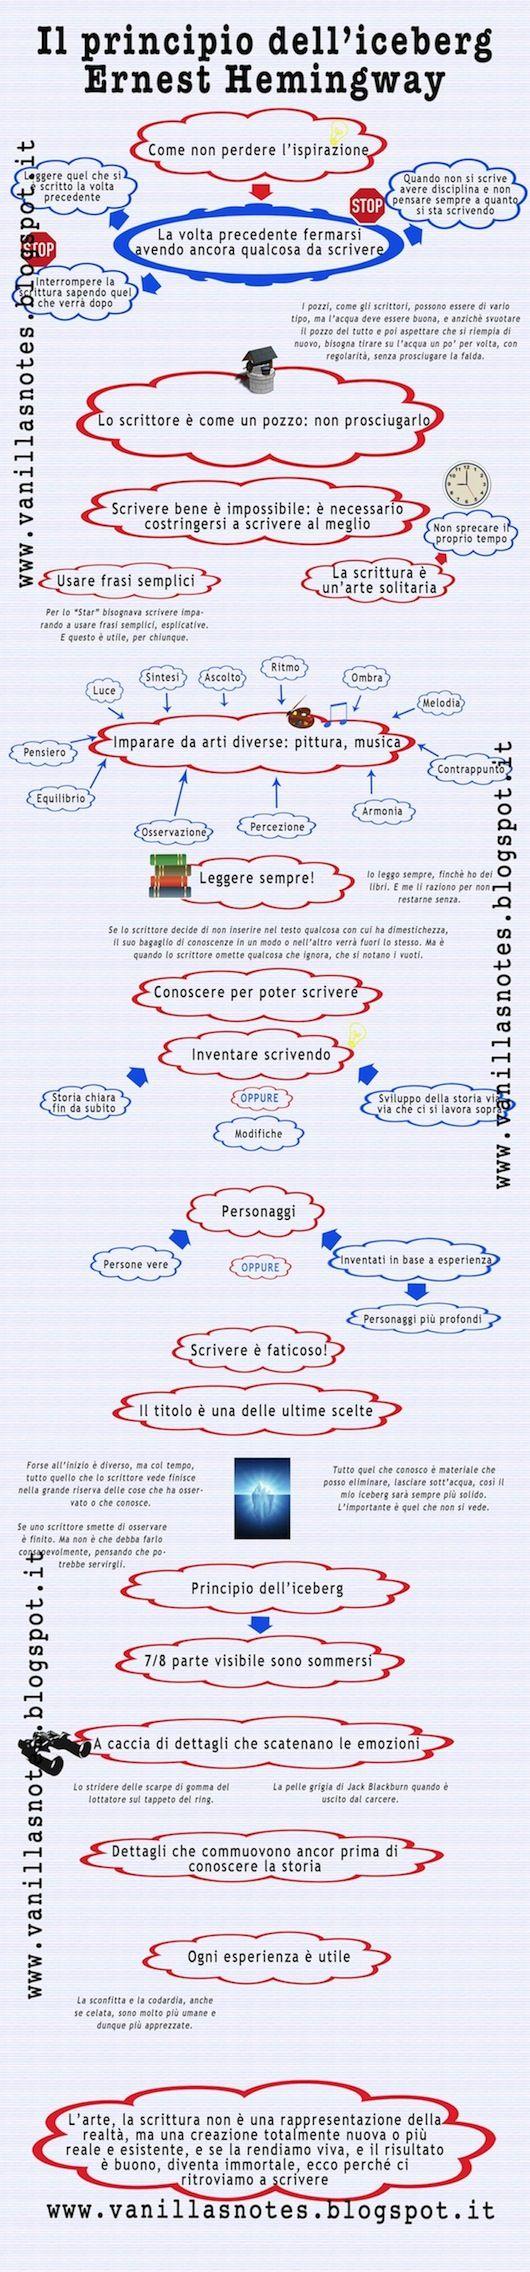 ernest hemingway e il principio dell iceberg scrittura creativa ernest hemingway e il principio dell iceberg